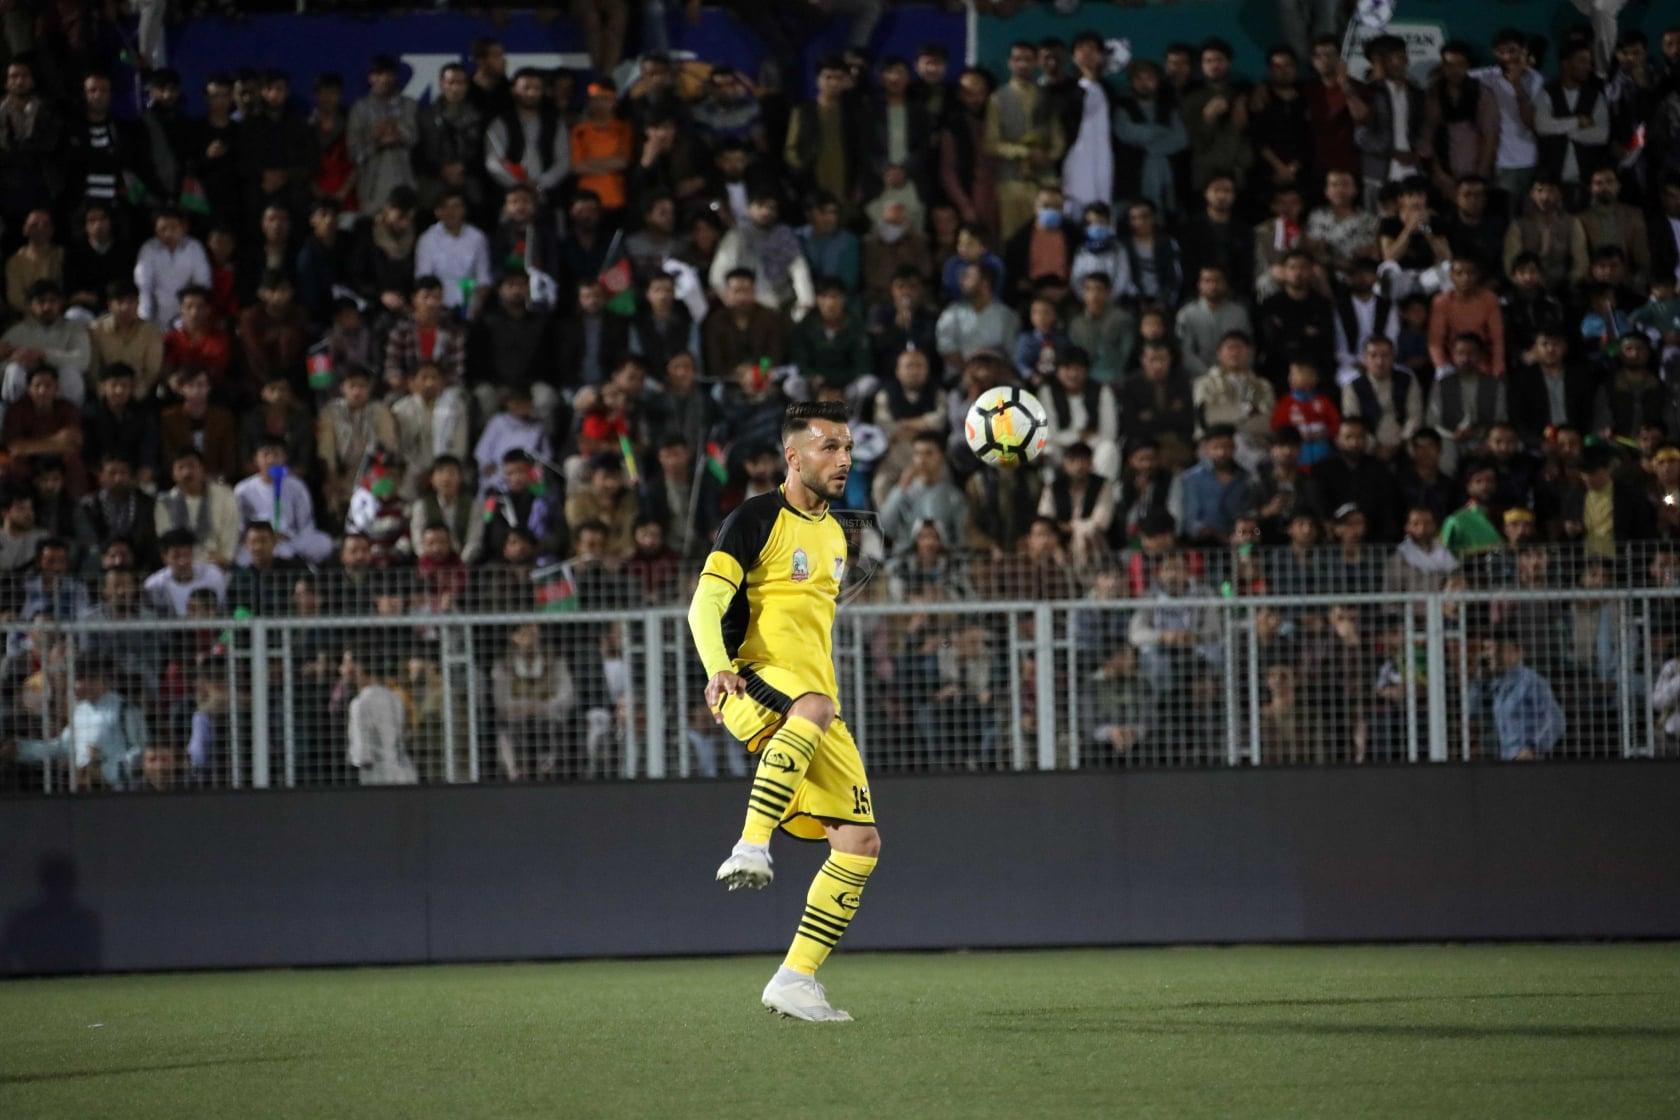 قهرمانی شاهین آسمایی در فصل نهم لیگ برتر فوتبال کشور